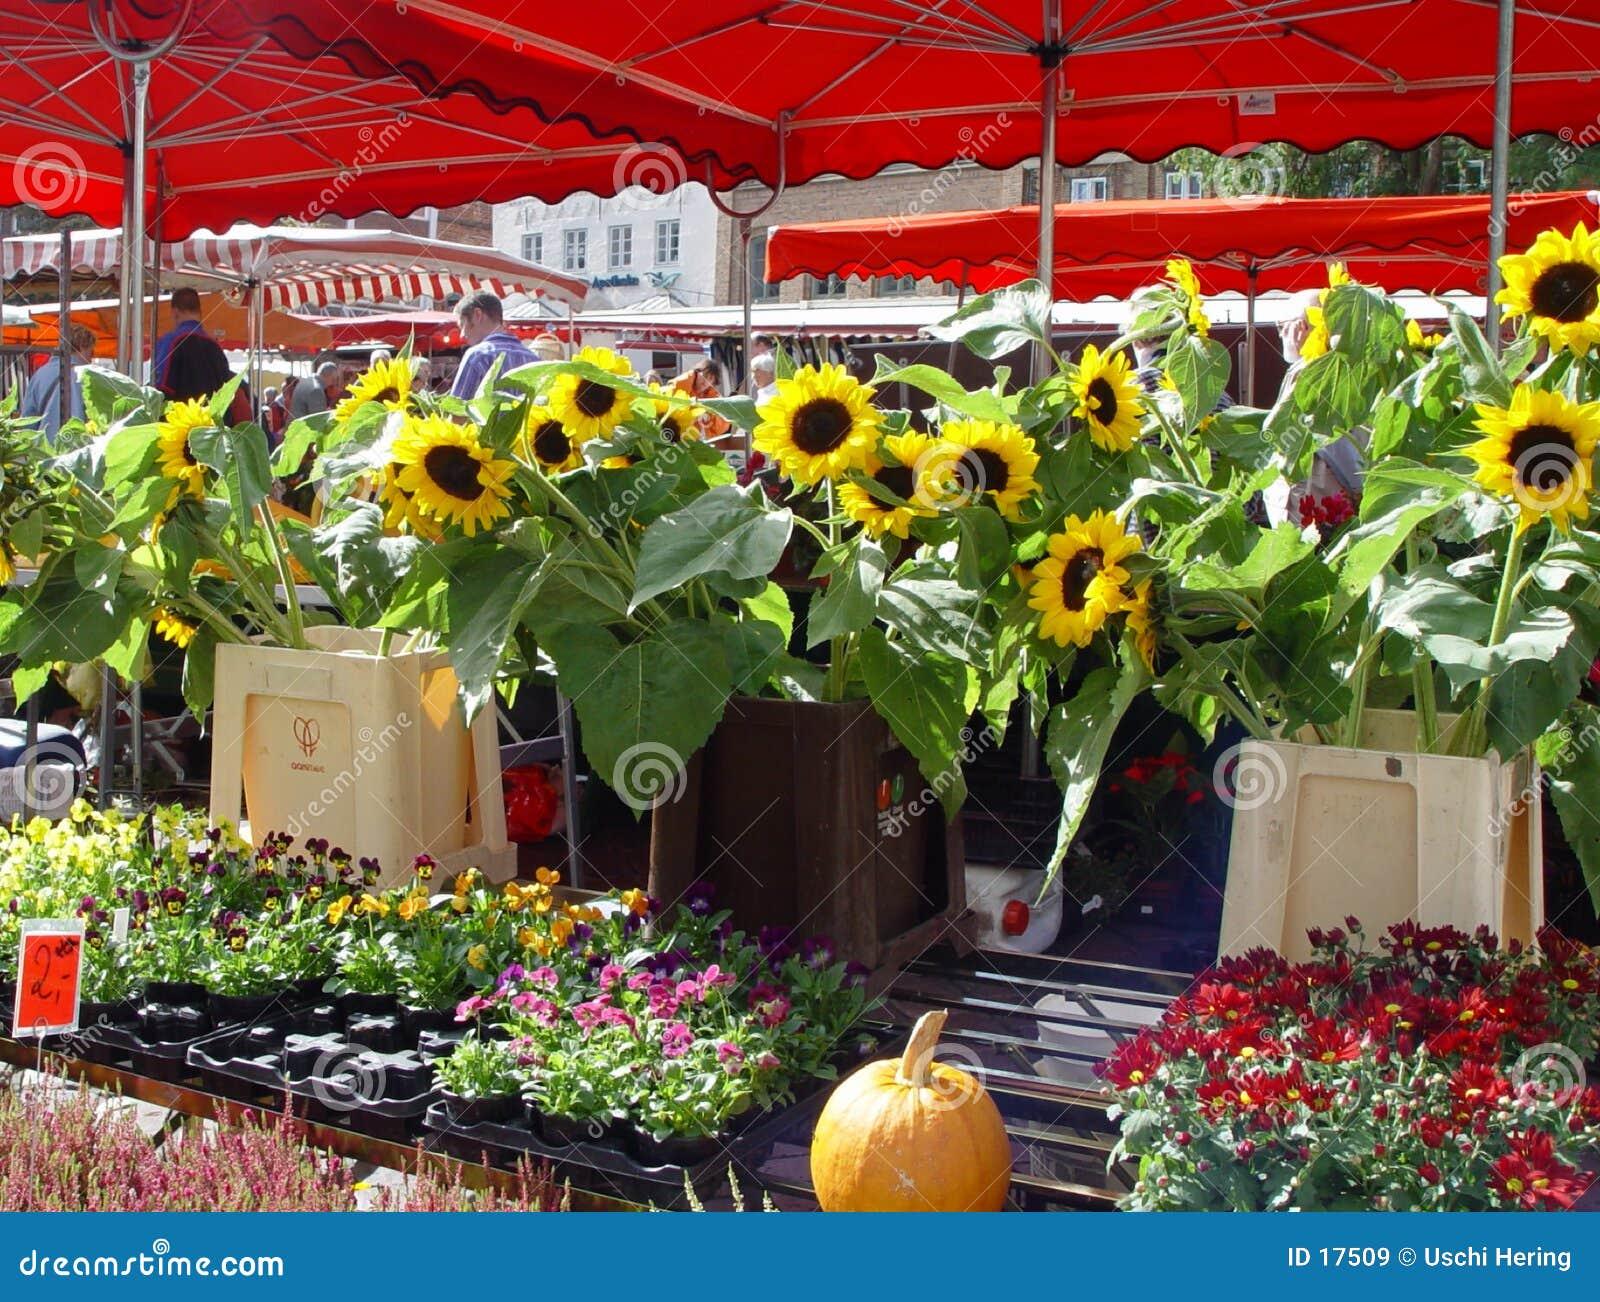 Summermarket